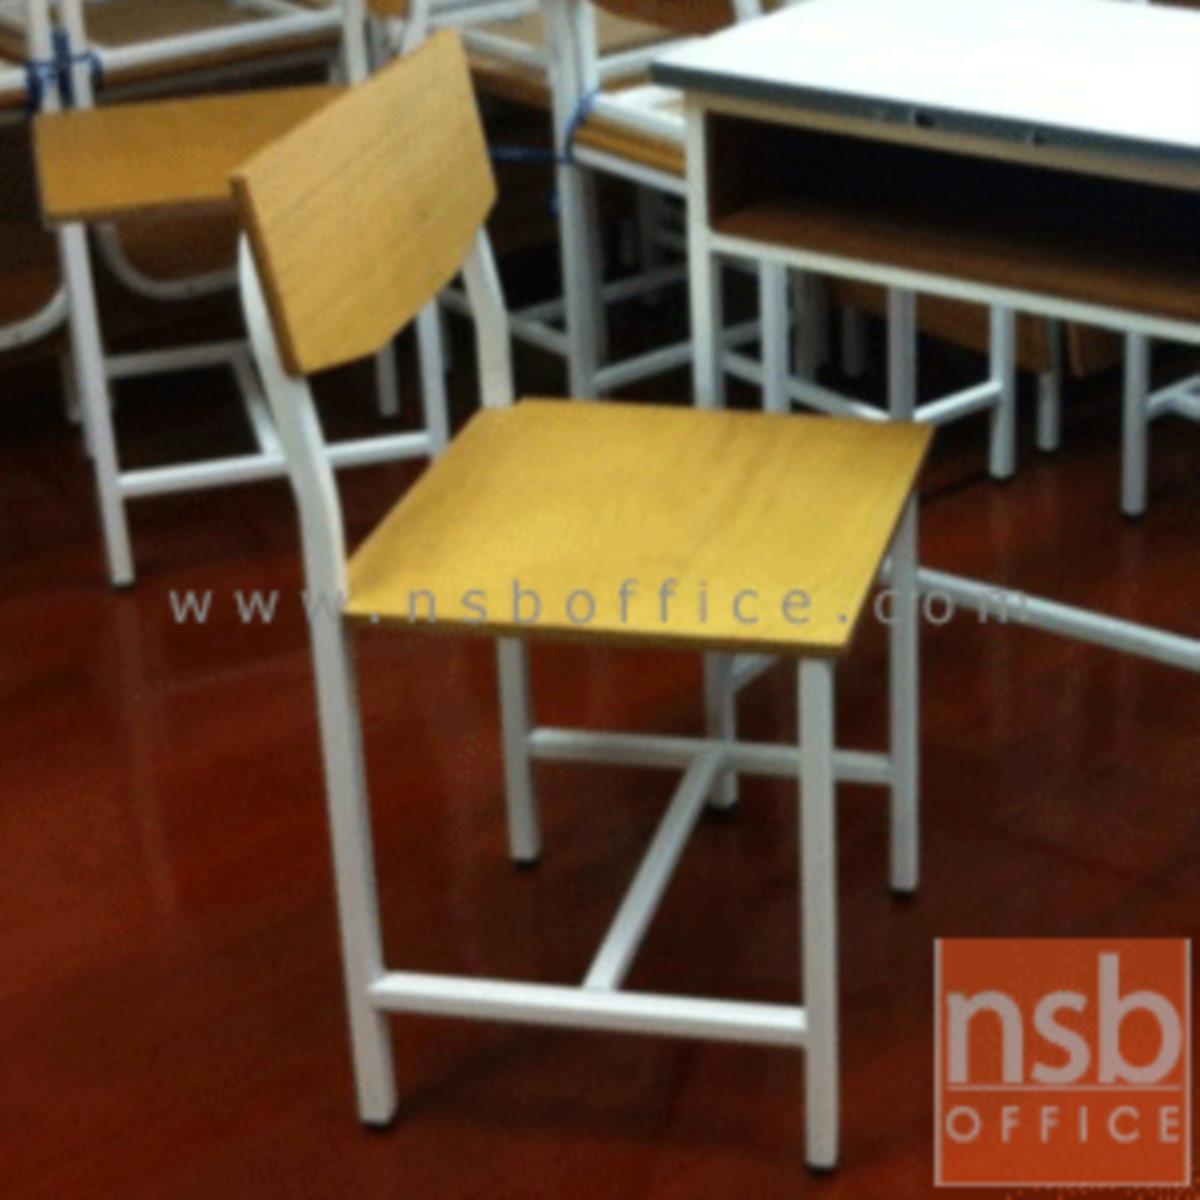 ชุดโต๊ะและเก้าอี้นักเรียน   ระดับอนุบาล ประถม มัธยม  โครงเหล็กสีขาว